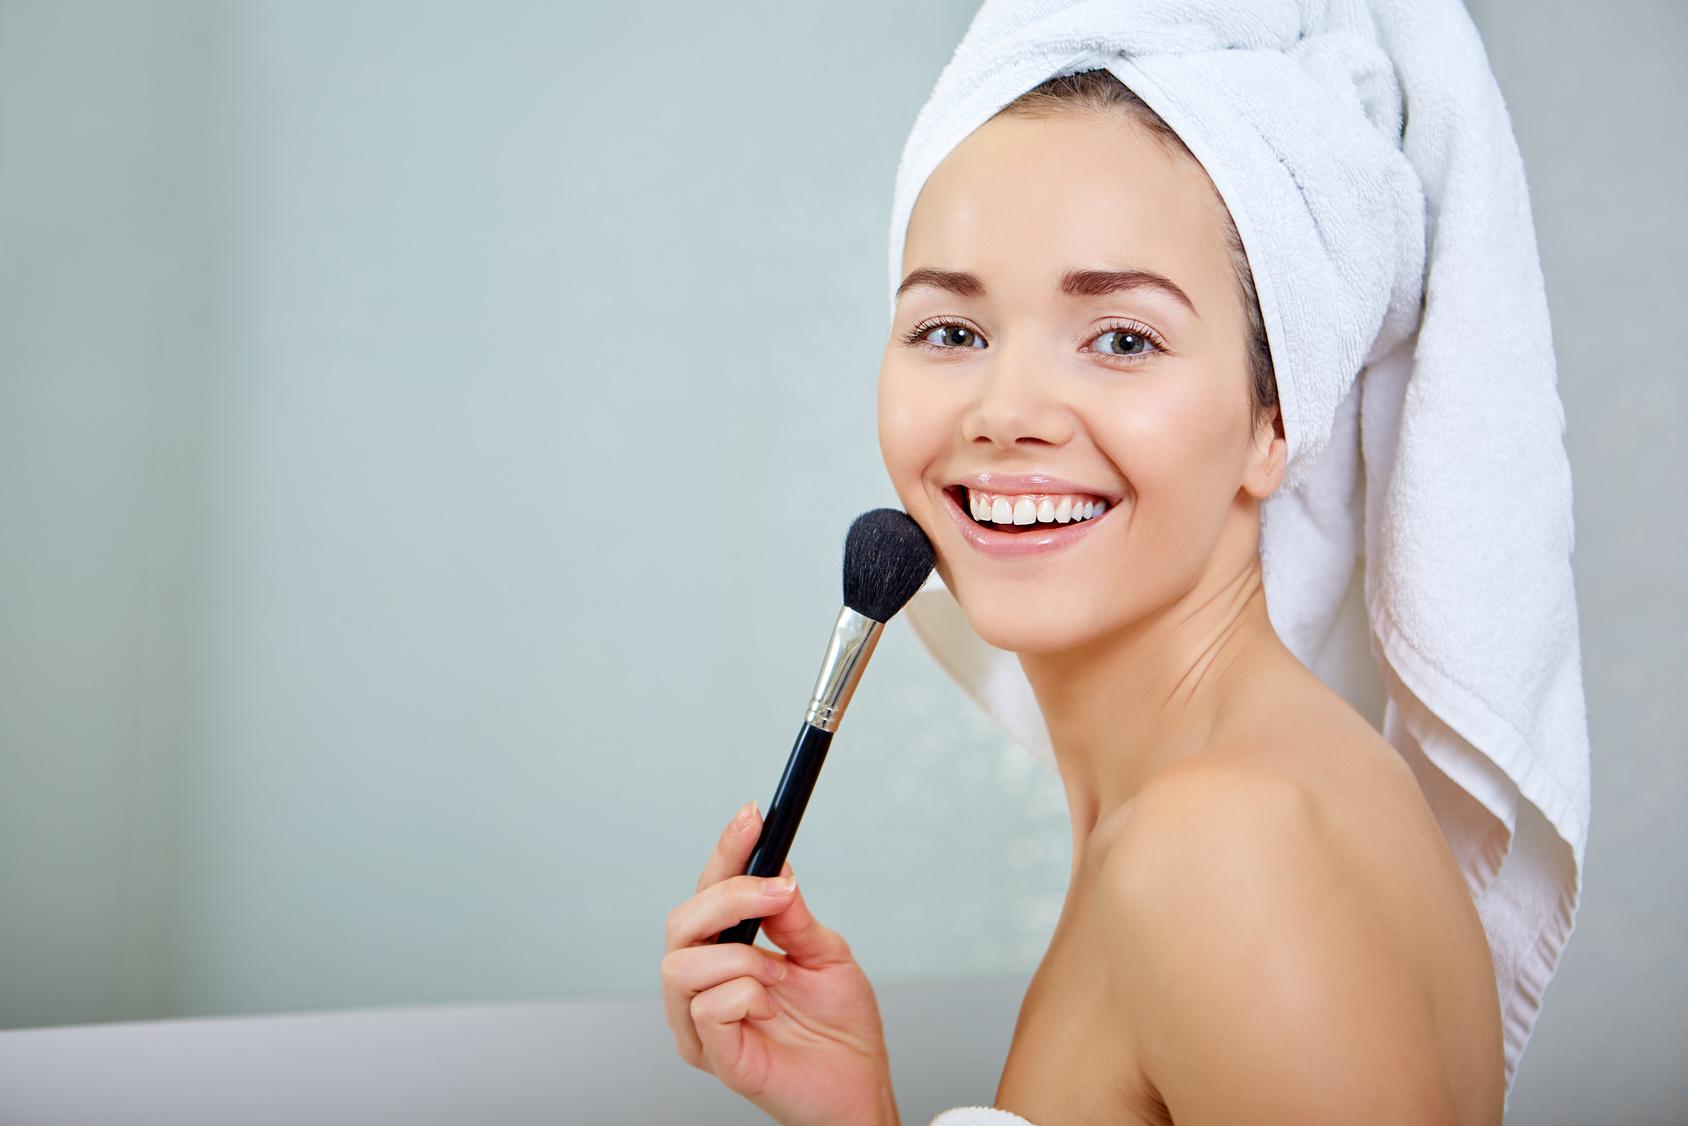 Codzienny makijaż dla początkujących, zobacz!